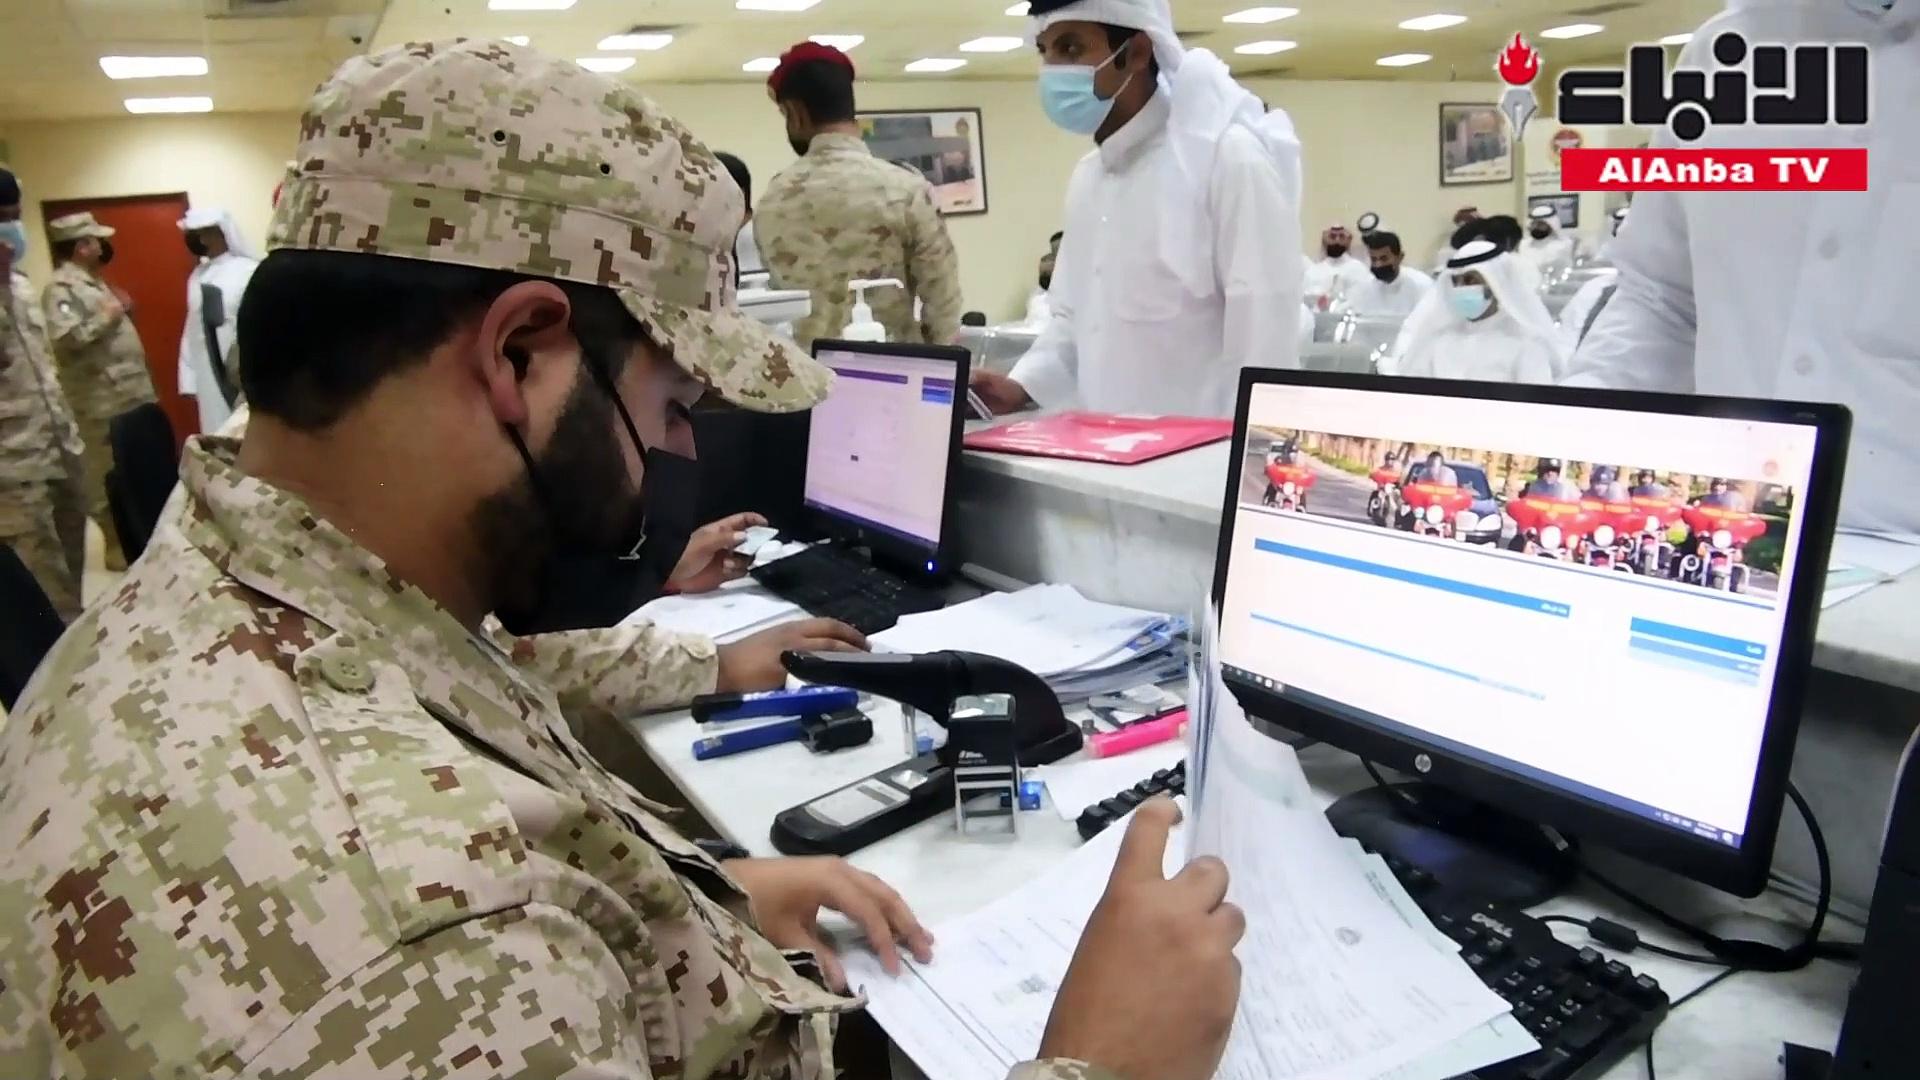 انطلاق عملية تسجيل المتطوعين لدورات ضباط الصف والأفراد من حملة الشهادات الجامعية والدبلوم